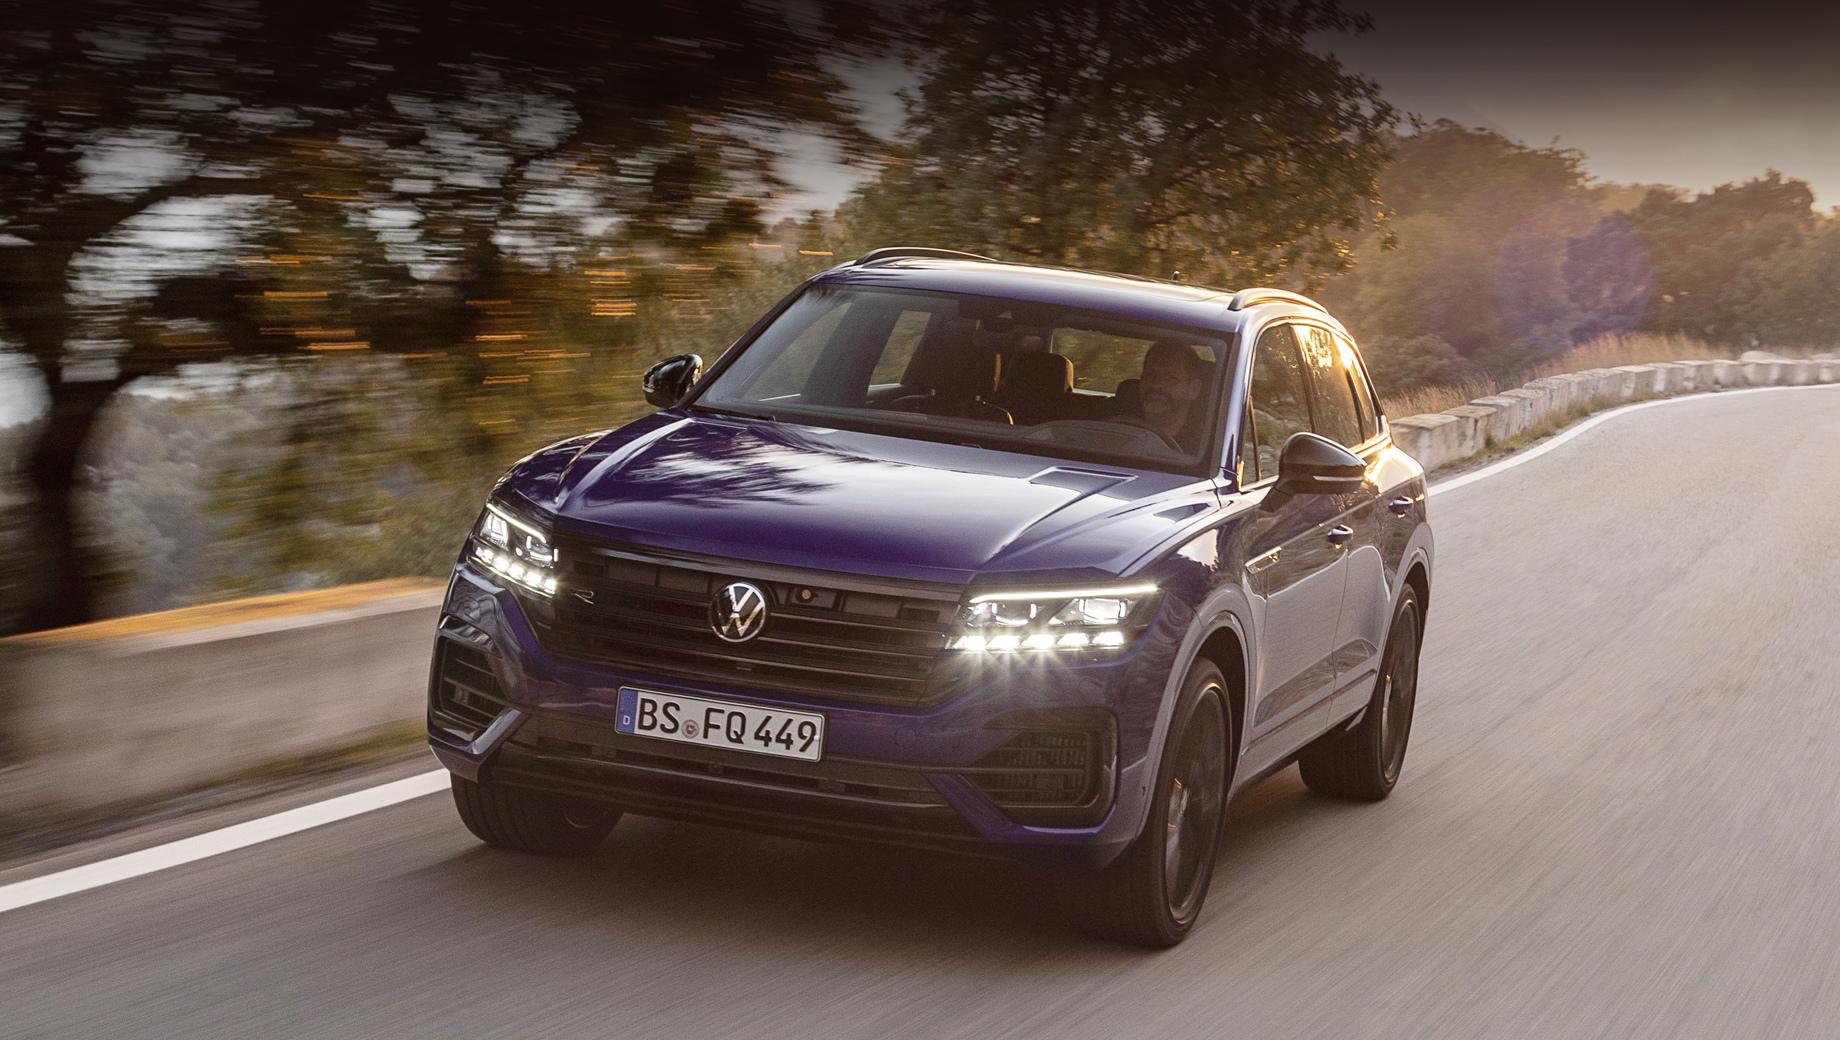 Volkswagen touareg,Volkswagen touareg r. Новой версии Туарега положен пакет Black Style и 20-дюймовые колёсные диски Braga, а также бамперы в стиле моделей R.